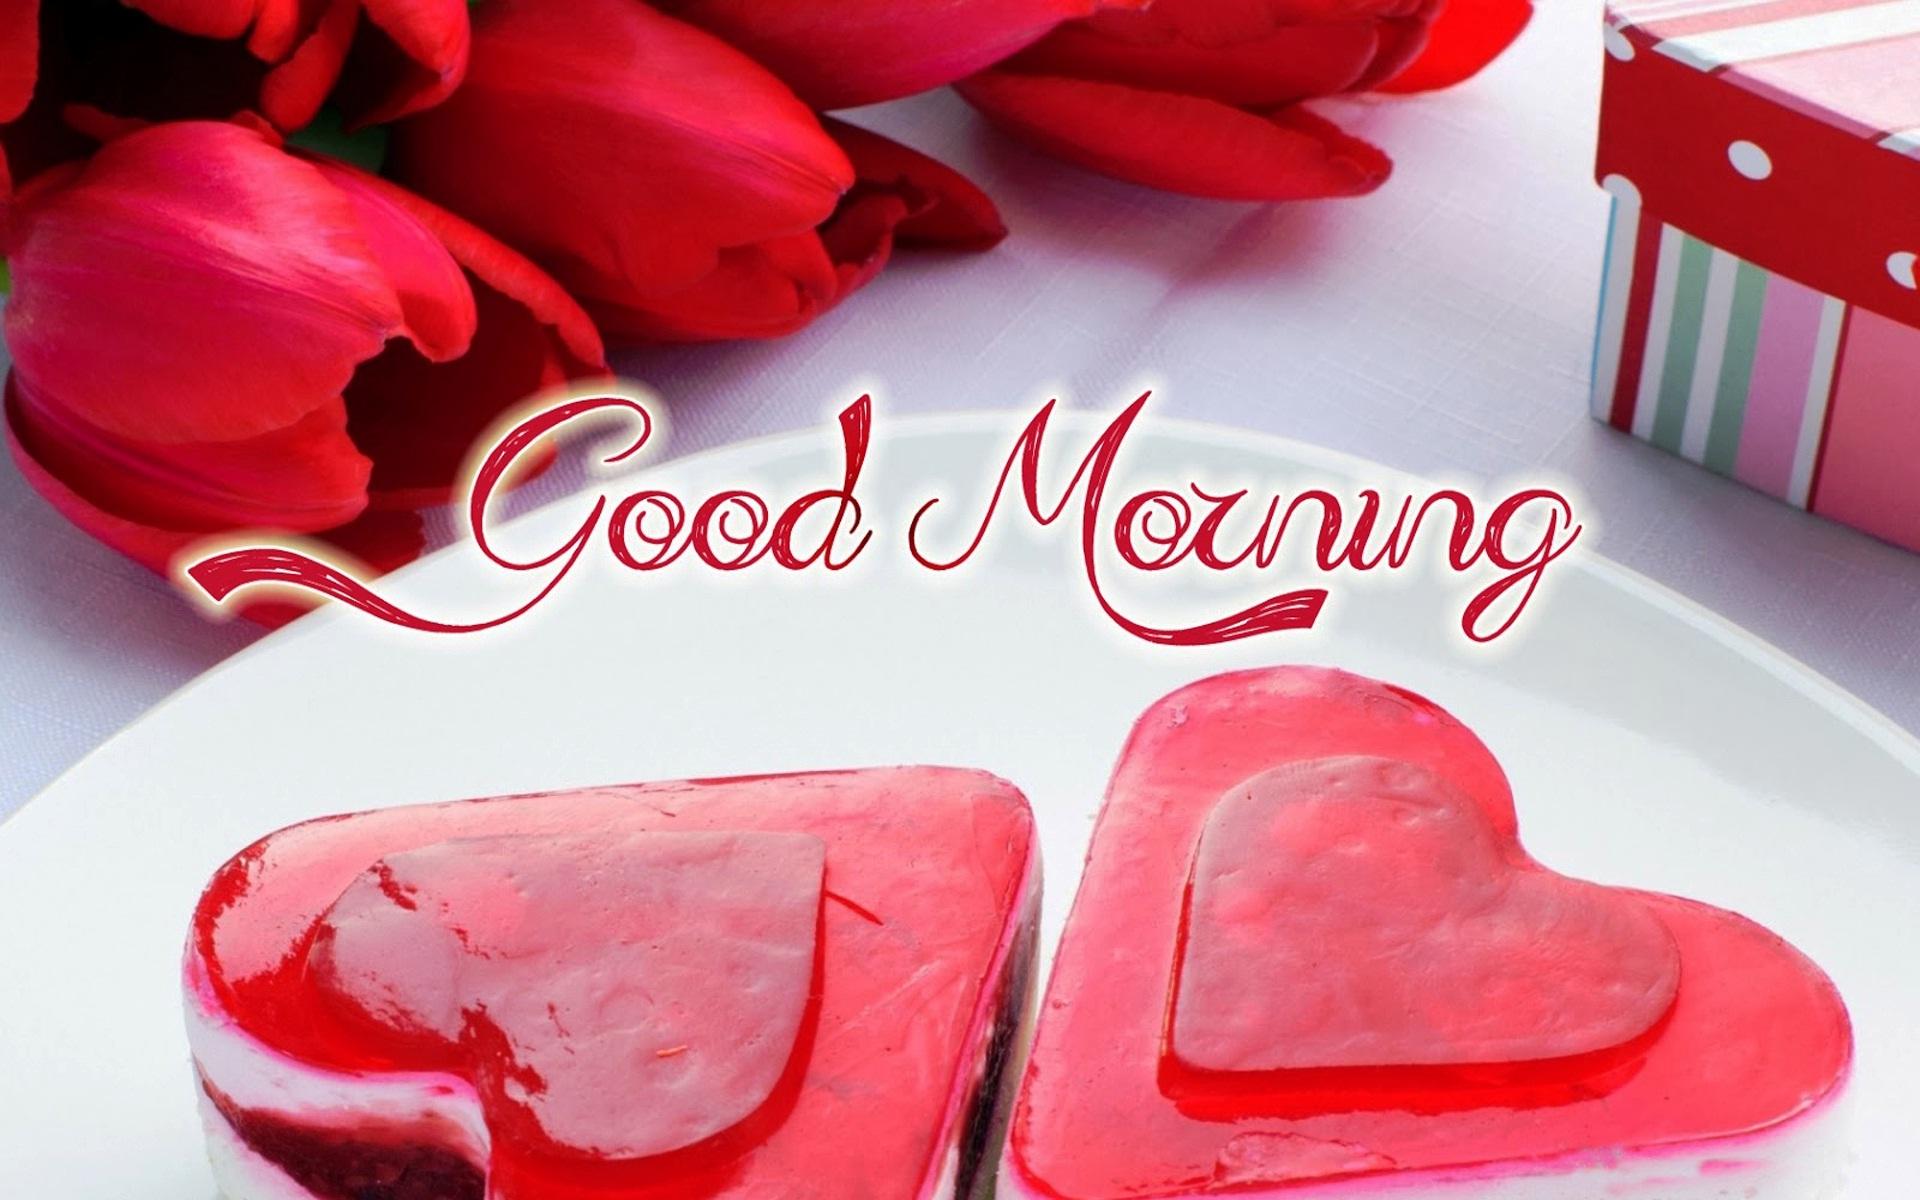 بالصور صباح الورد حبيبي , صور صباح الحب و الورد للحبيب 885 4